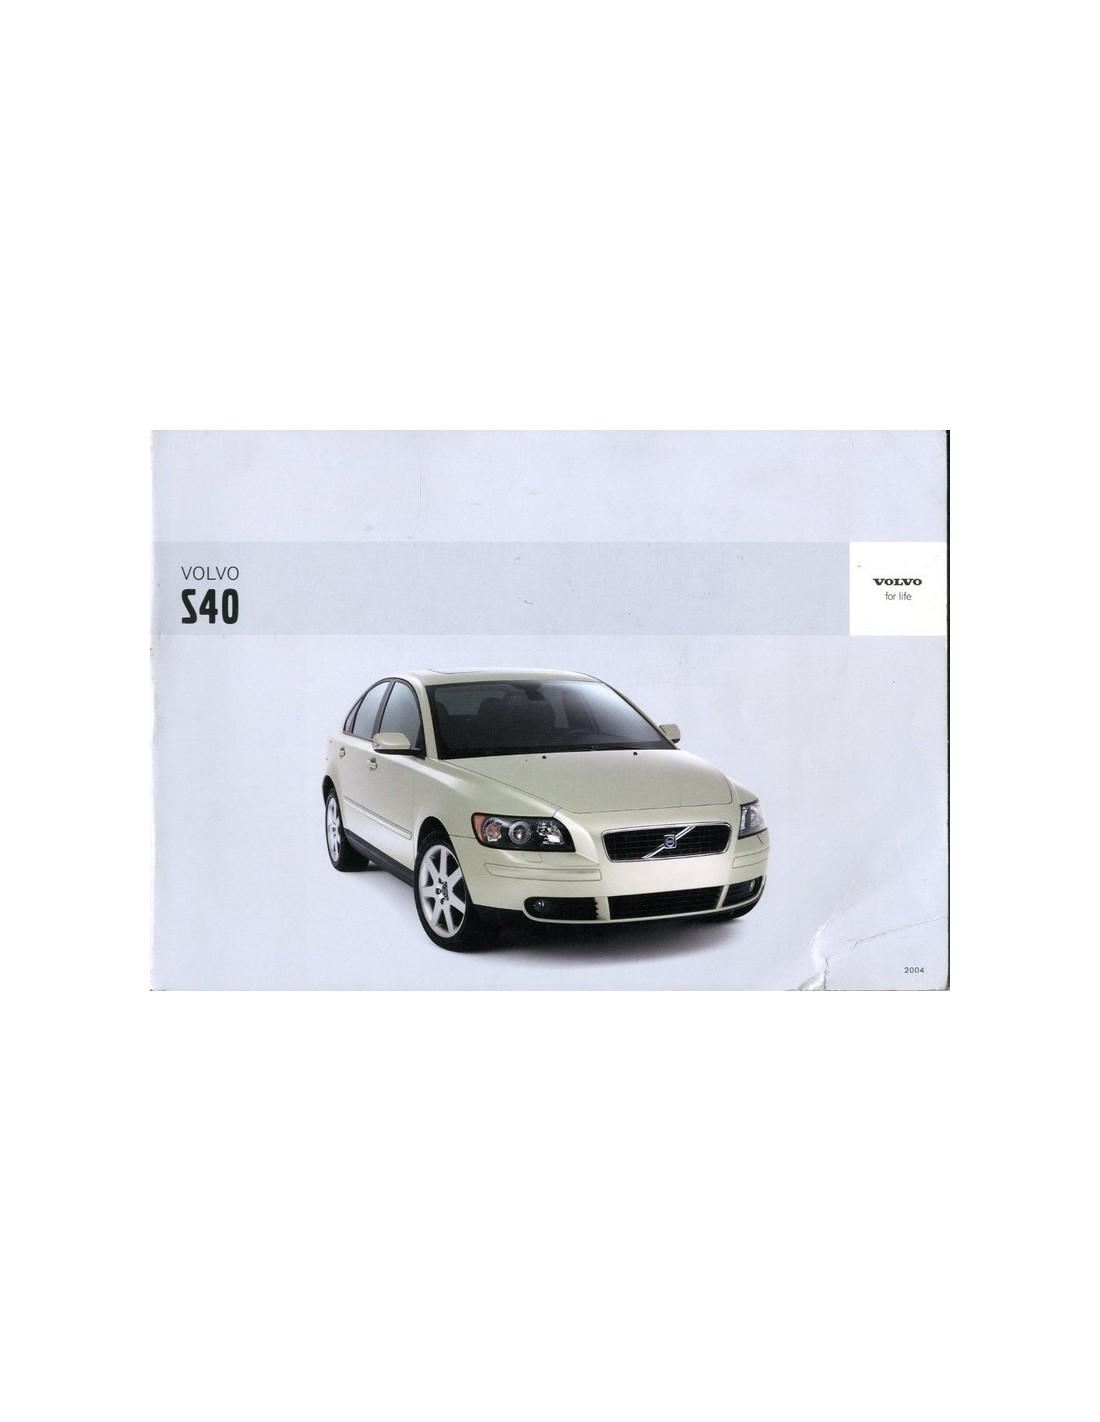 2003 volvo s40 v40 owner s manual dutch rh autolit eu 2004 Volvo S40 Parts Diagram 2002 Volvo S40 Manual